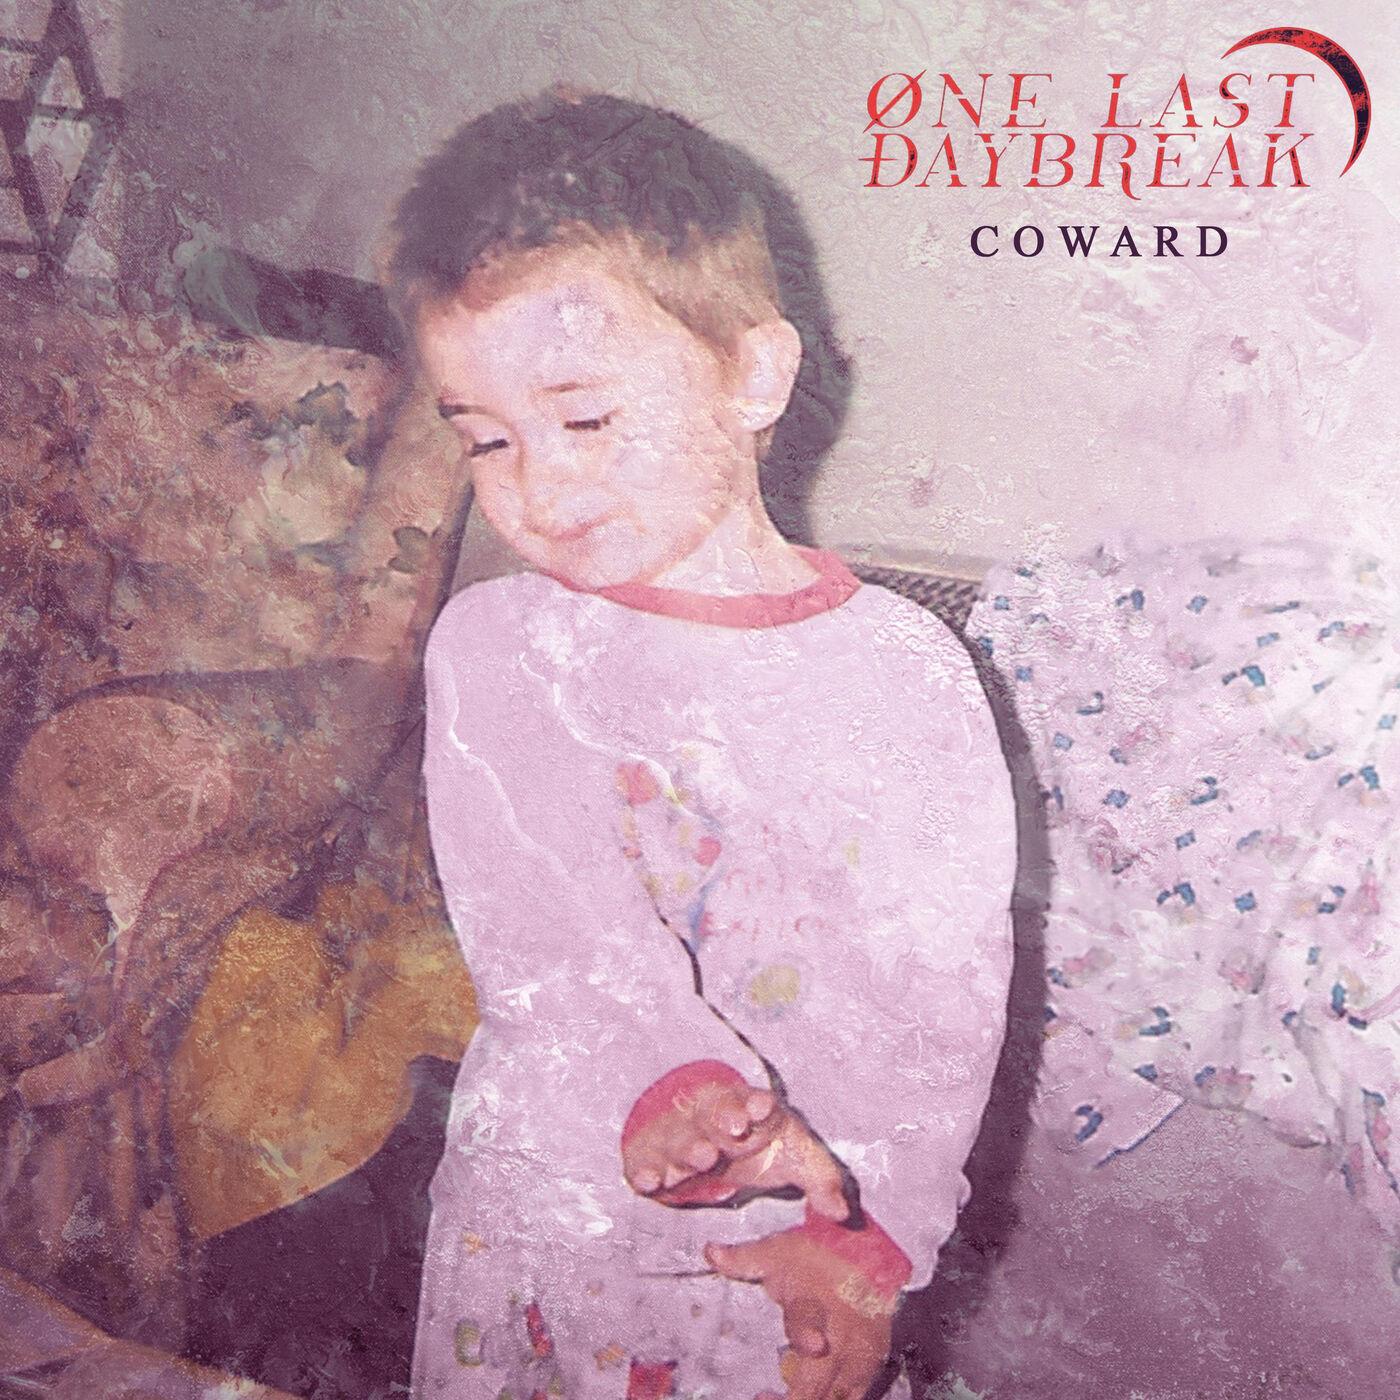 One Last Daybreak - Coward [single] (2020)